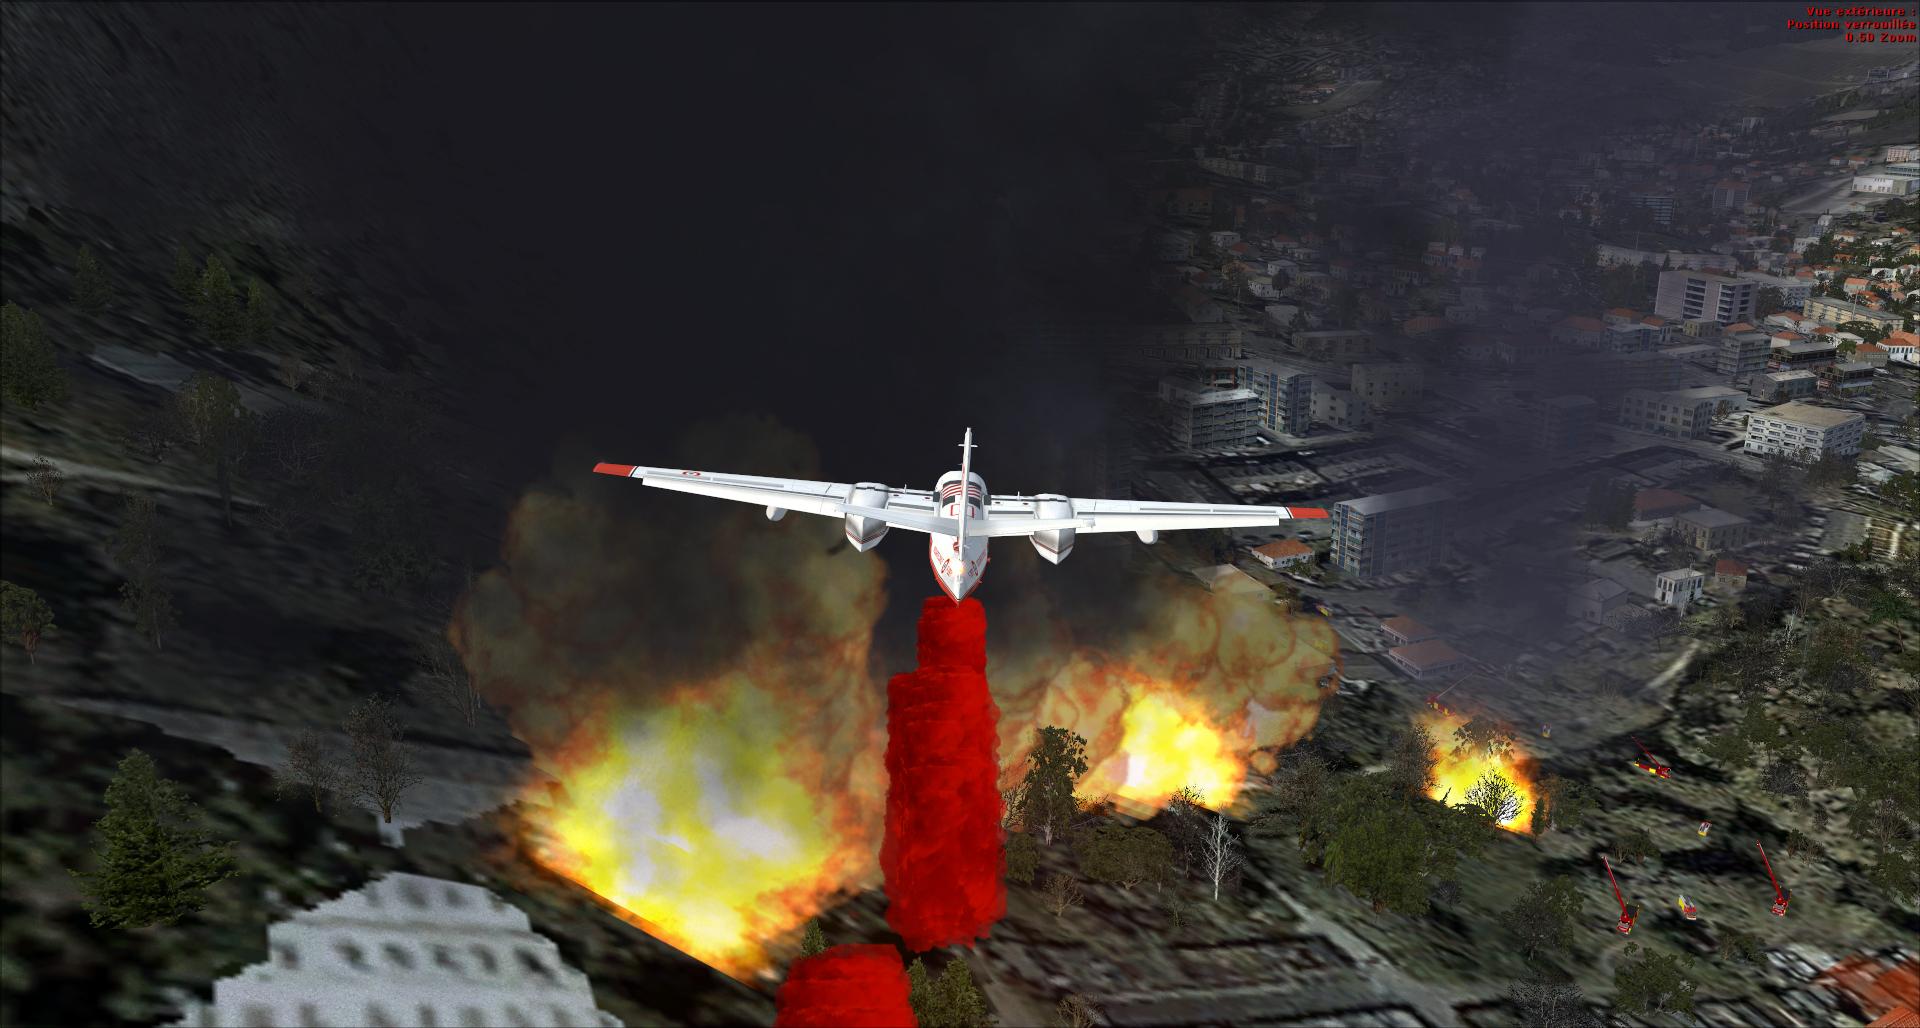 Compte rendu Mission sécurité civile 933654201429172011945